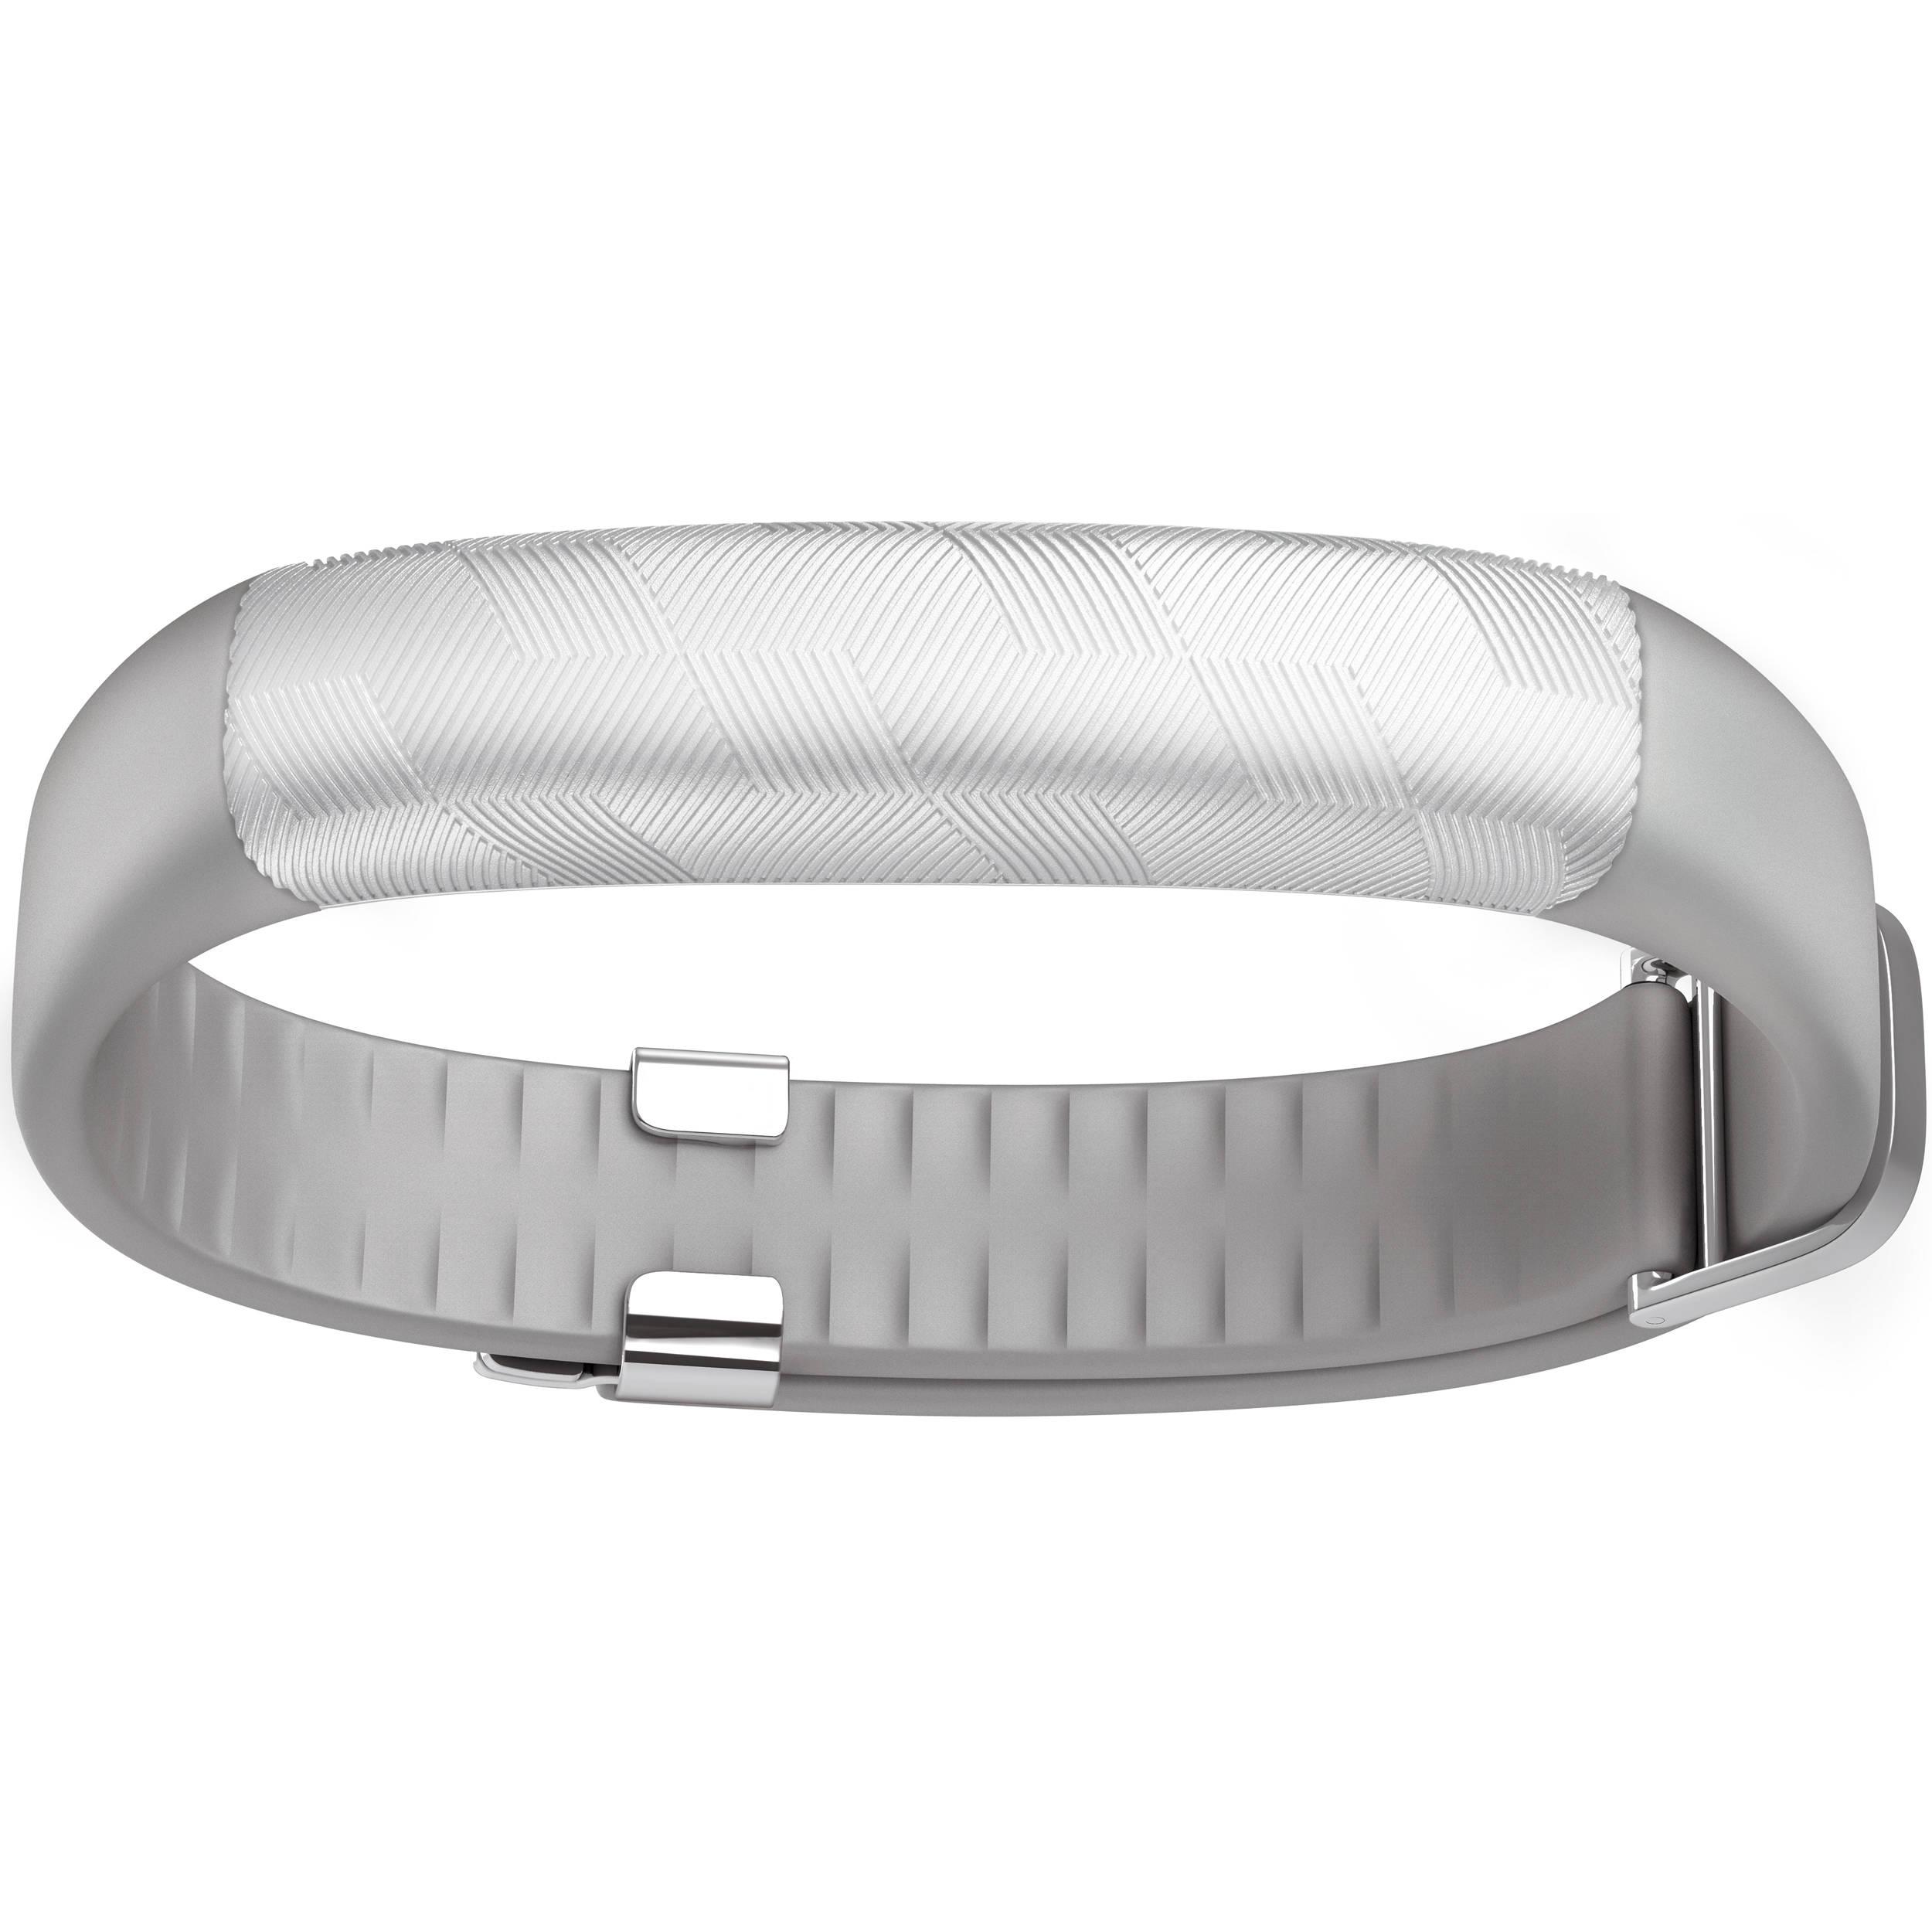 jawbone up2 fitness tracker light gray hex jl03 0101cfi us b h rh bhphotovideo com Jawbone Up 2 Payments Jawbone Up Wristband